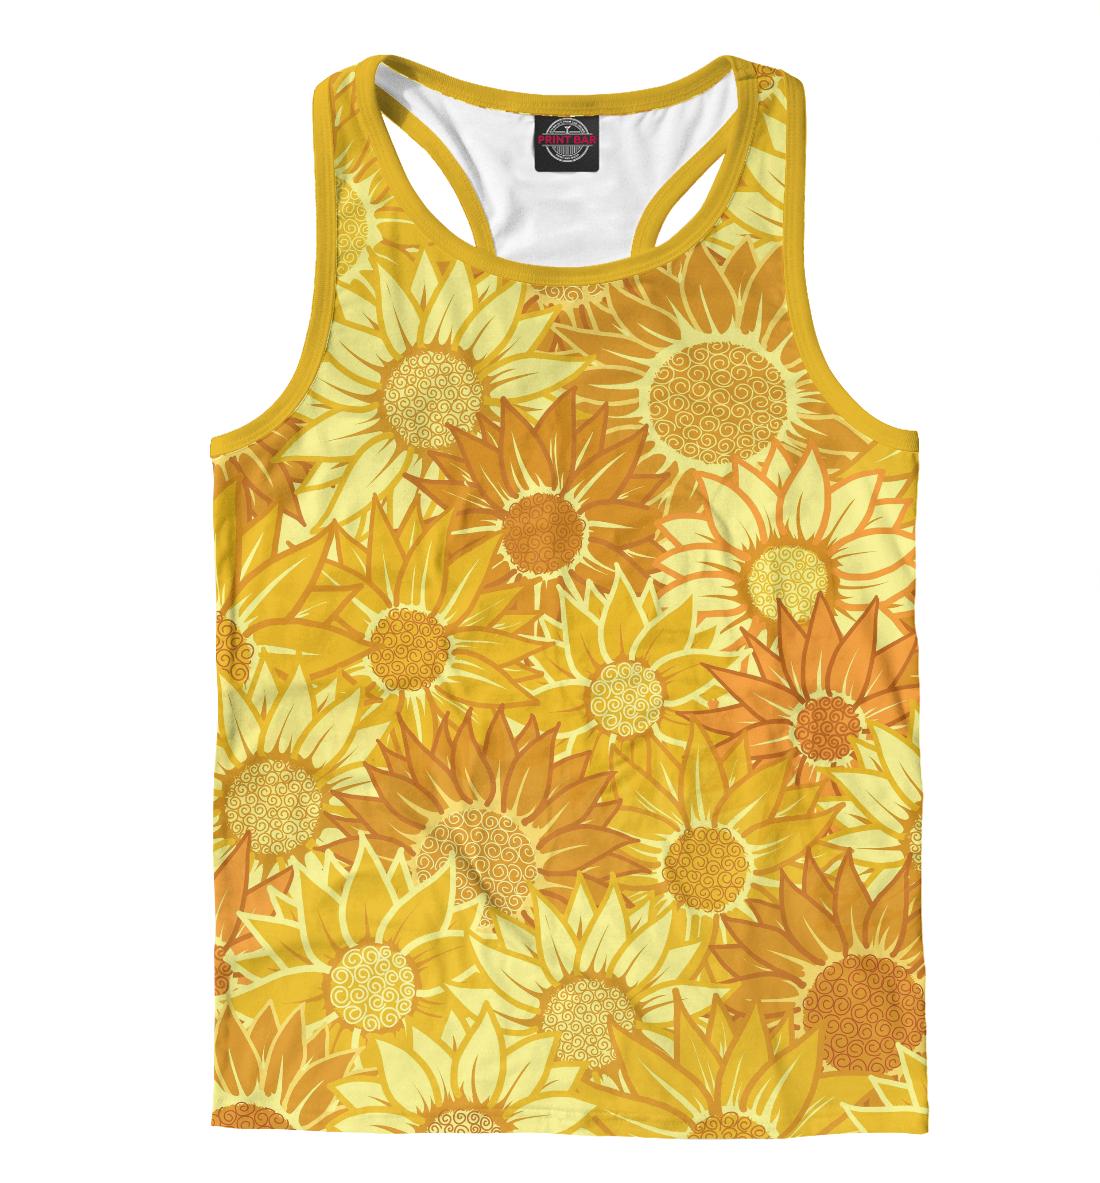 Купить Жёлтые цветы, Printbar, Майки борцовки, CVE-931660-mayb-2